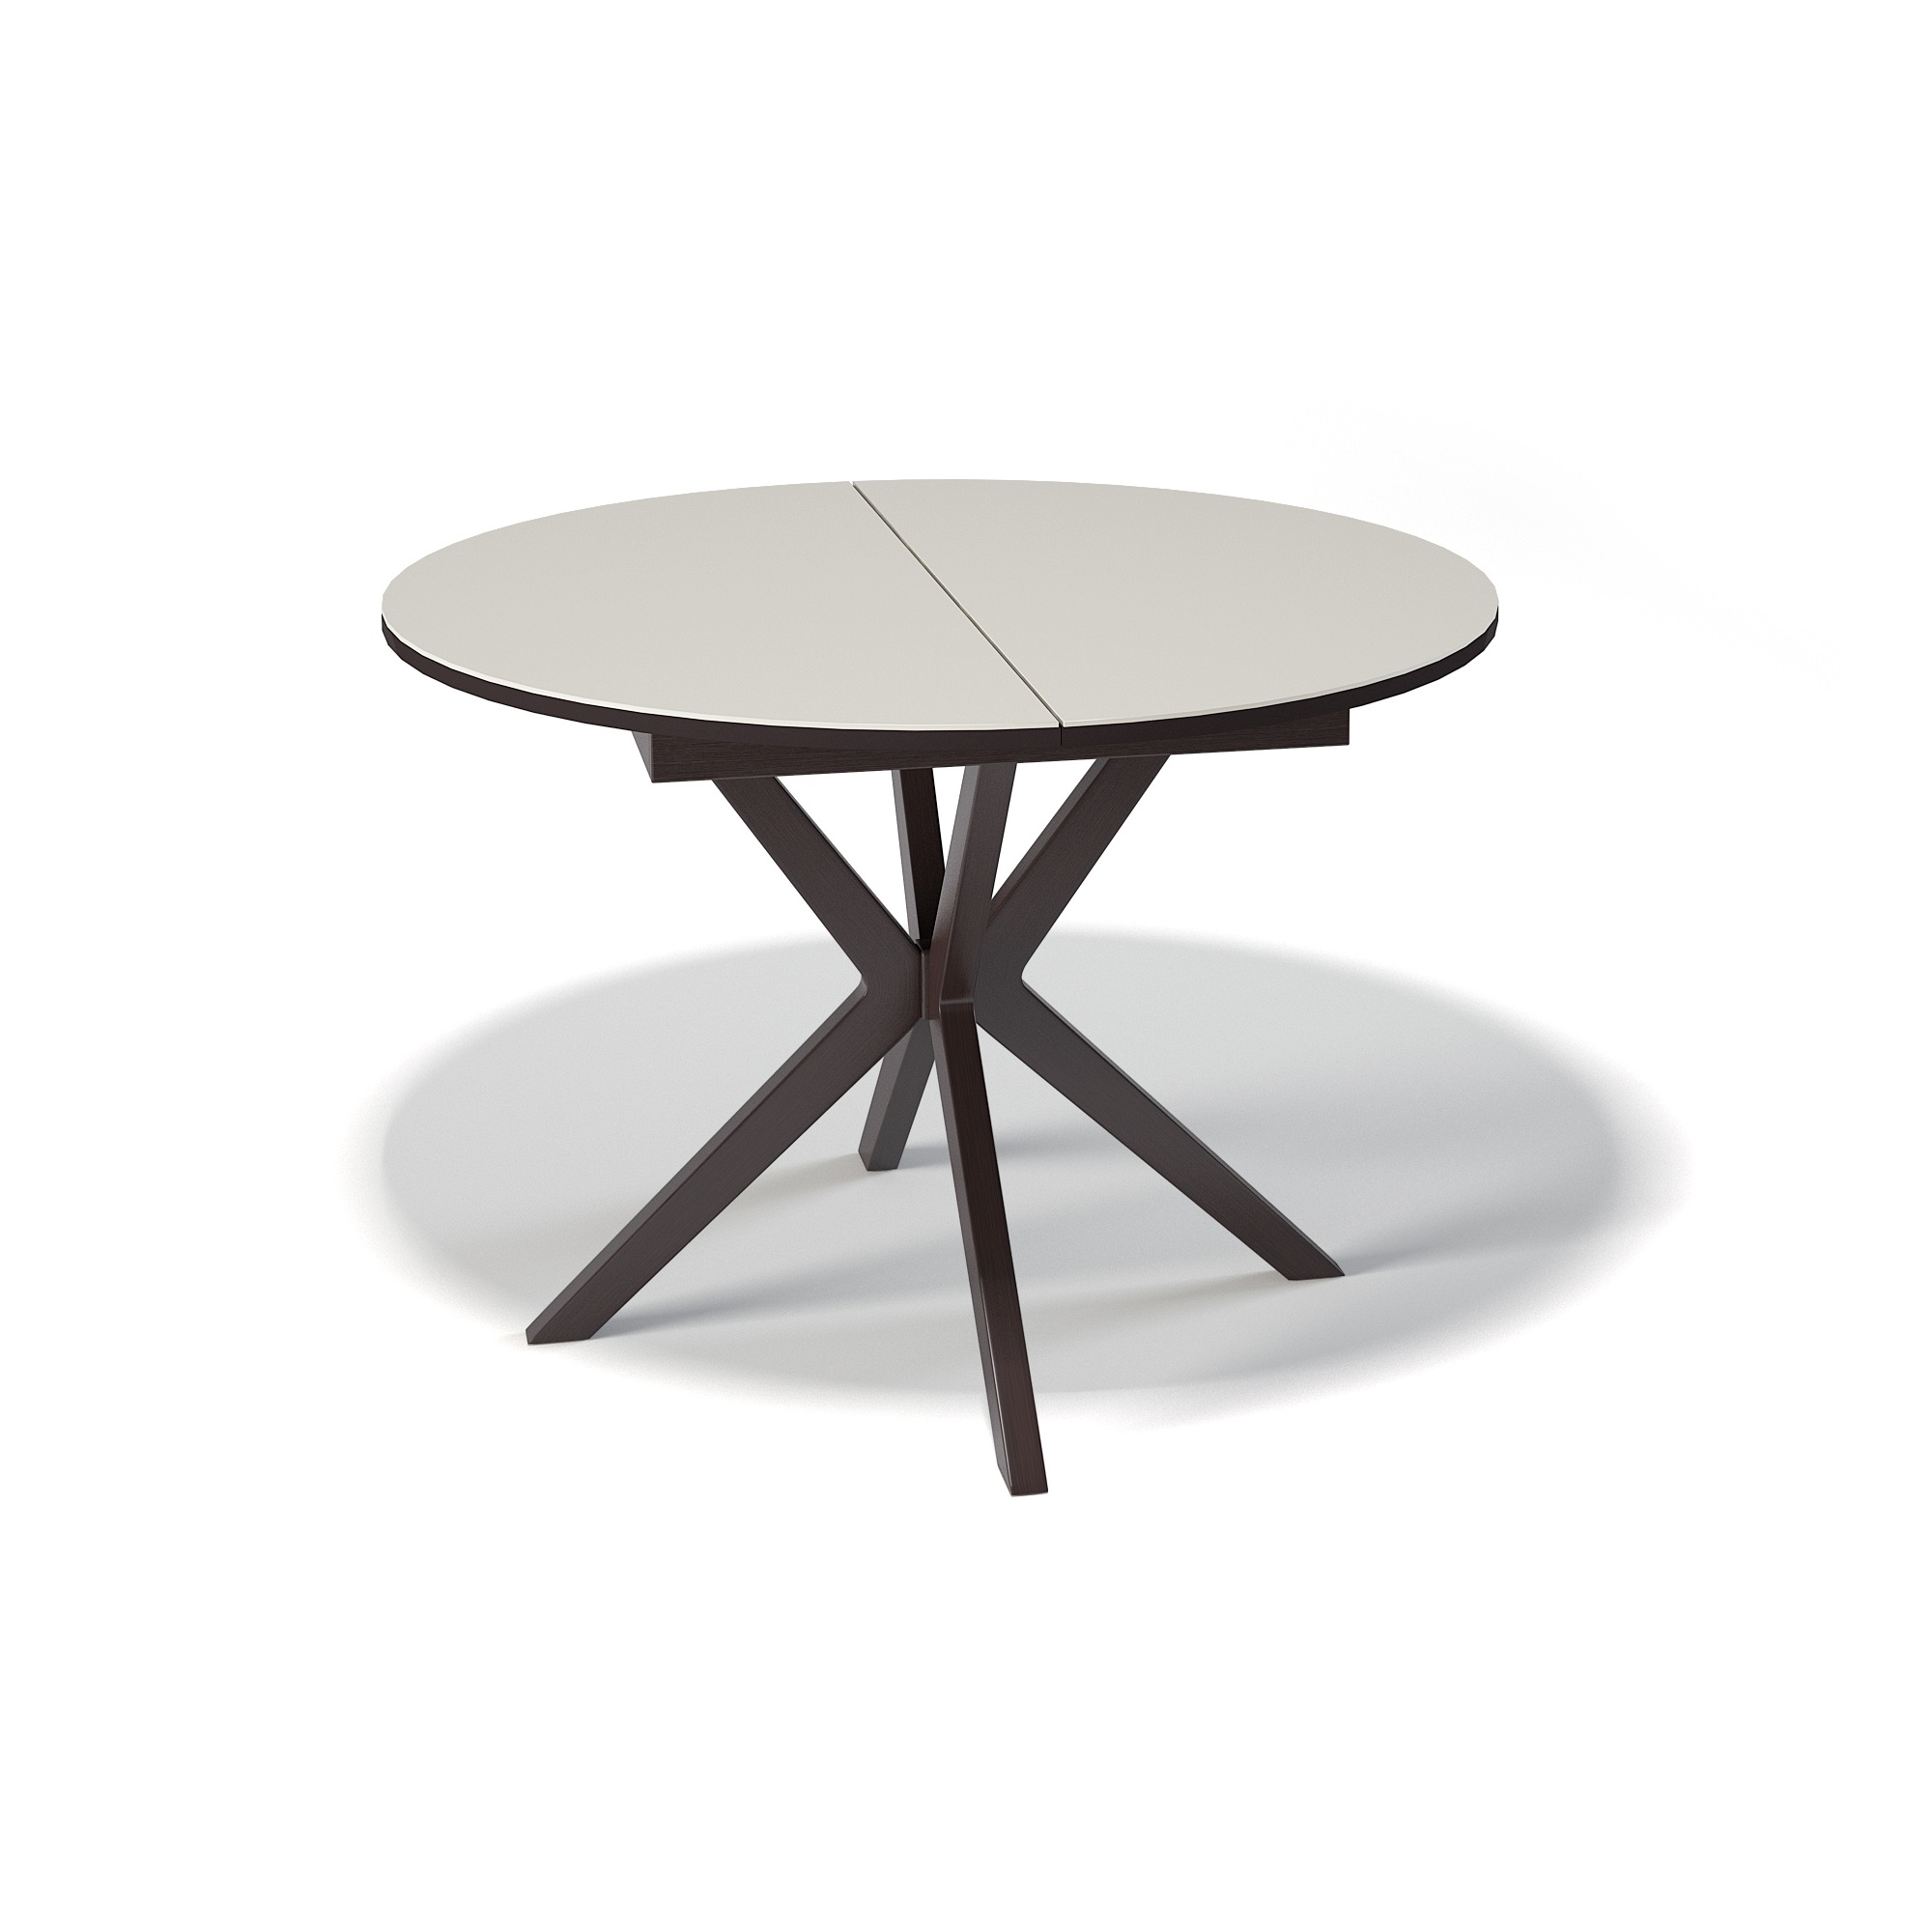 Стол обеденный KennerОбеденные столы<br>Основание - массив бука, столешница - сатинированное стекло (не оставляет следов от пальцев, не боится горячего/холодного, бытовой химии) + ДСП.&amp;amp;nbsp;&amp;lt;div&amp;gt;Механизм раскладки - синхронный.&amp;amp;nbsp;&amp;lt;/div&amp;gt;&amp;lt;div&amp;gt;Фурнитура в комплекте.&amp;amp;nbsp;&amp;lt;/div&amp;gt;&amp;lt;div&amp;gt;Габариты столешницы в разложенном виде: 145х100 см.&amp;lt;/div&amp;gt;<br><br>Material: Дерево<br>Ширина см: 110<br>Высота см: 76<br>Глубина см: 100